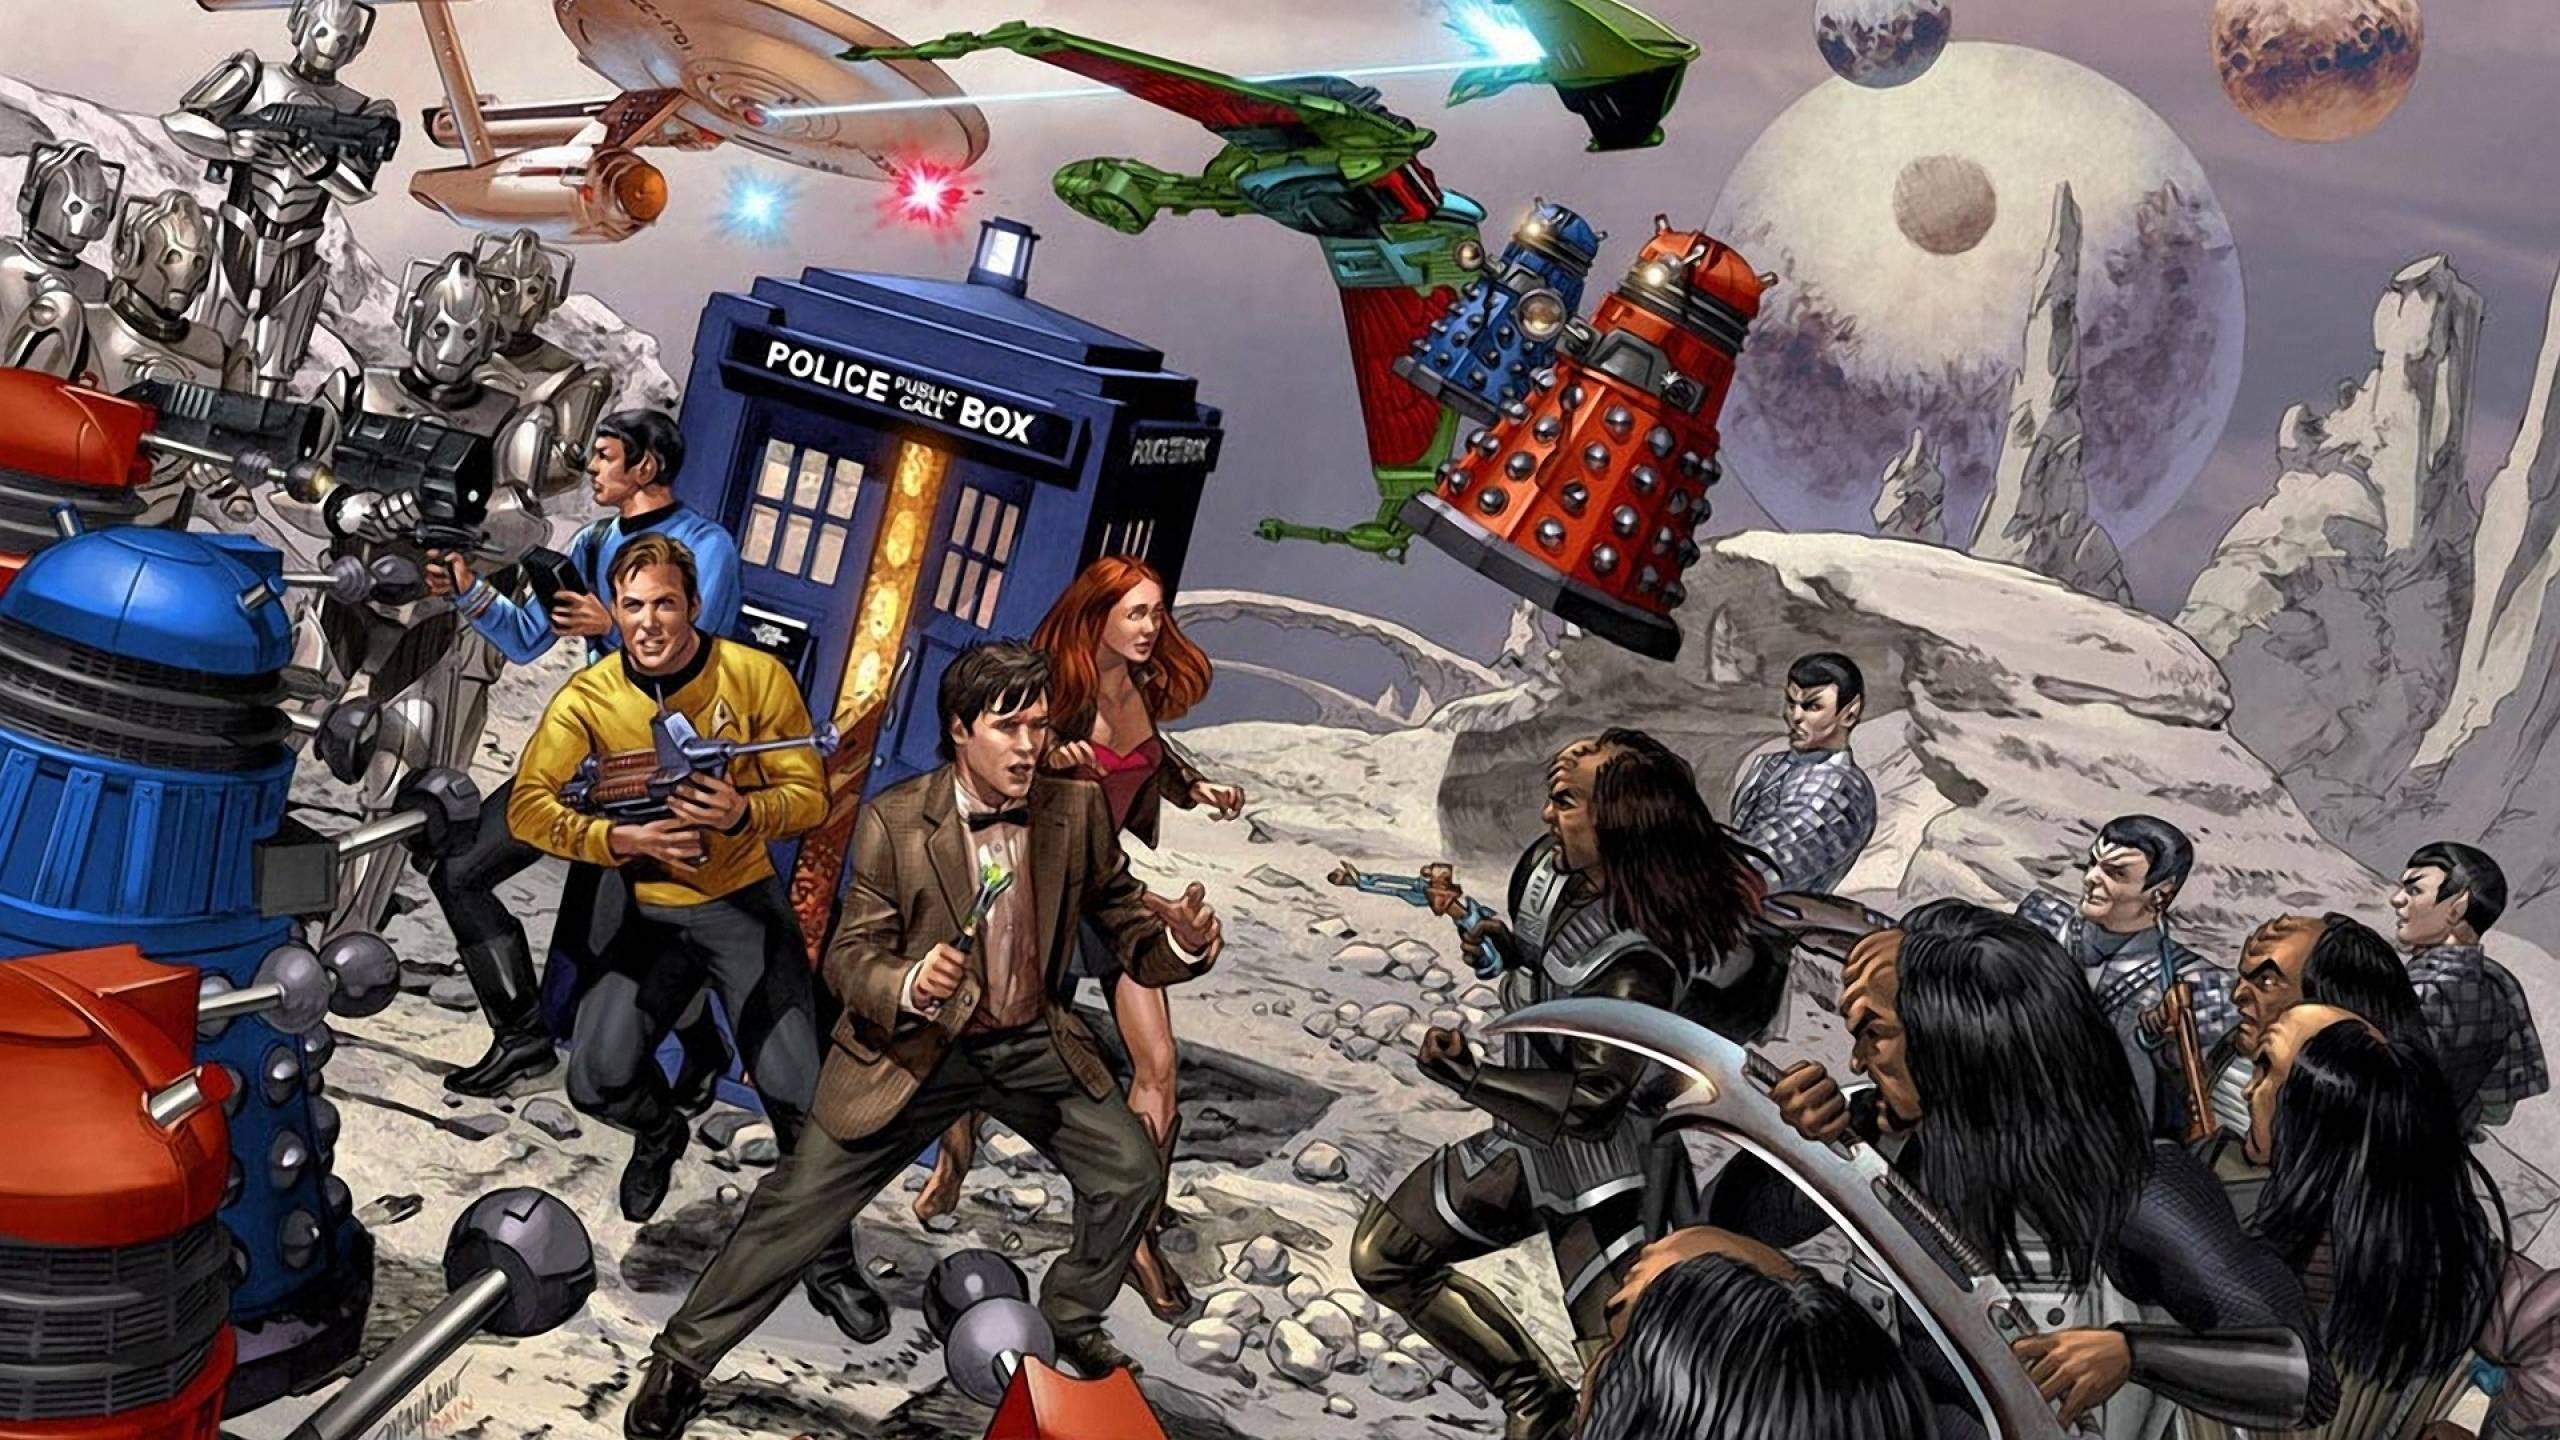 Doctor Who And Star Trek Wallpaper Star Trek Wallpaper Doctor Who Fan Art Star Trek